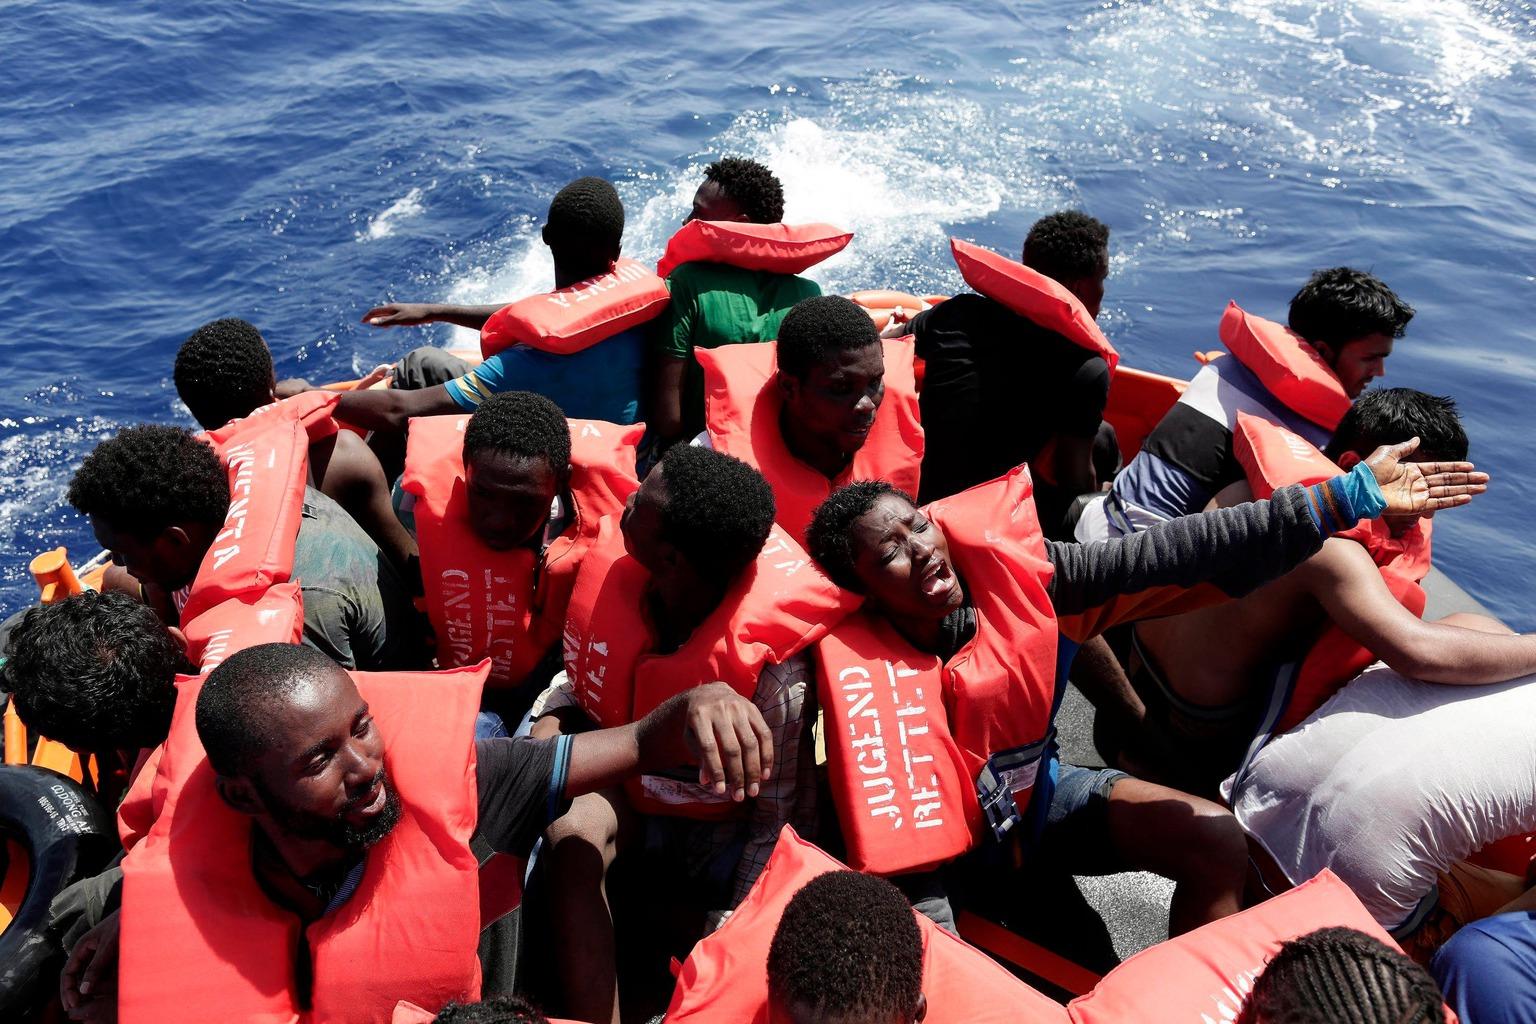 Földközi-tenger, 2016. augusztus 19. Az olasz vöröskereszt által 2016. augusztus 19-én közreadott képen Olaszországba igyekvő illegális bevándorlók süllyedő gumicsónakban, mielőtt kimentik őket a Földközi-tengeren 2016. augusztus 18-án. Egy másik csónak elsüllyedése miatt öt migráns életét vesztette a tengeren, úton az olasz partok felé. (MTI/AP/Olasz vöröskereszt/Yara Nardi)